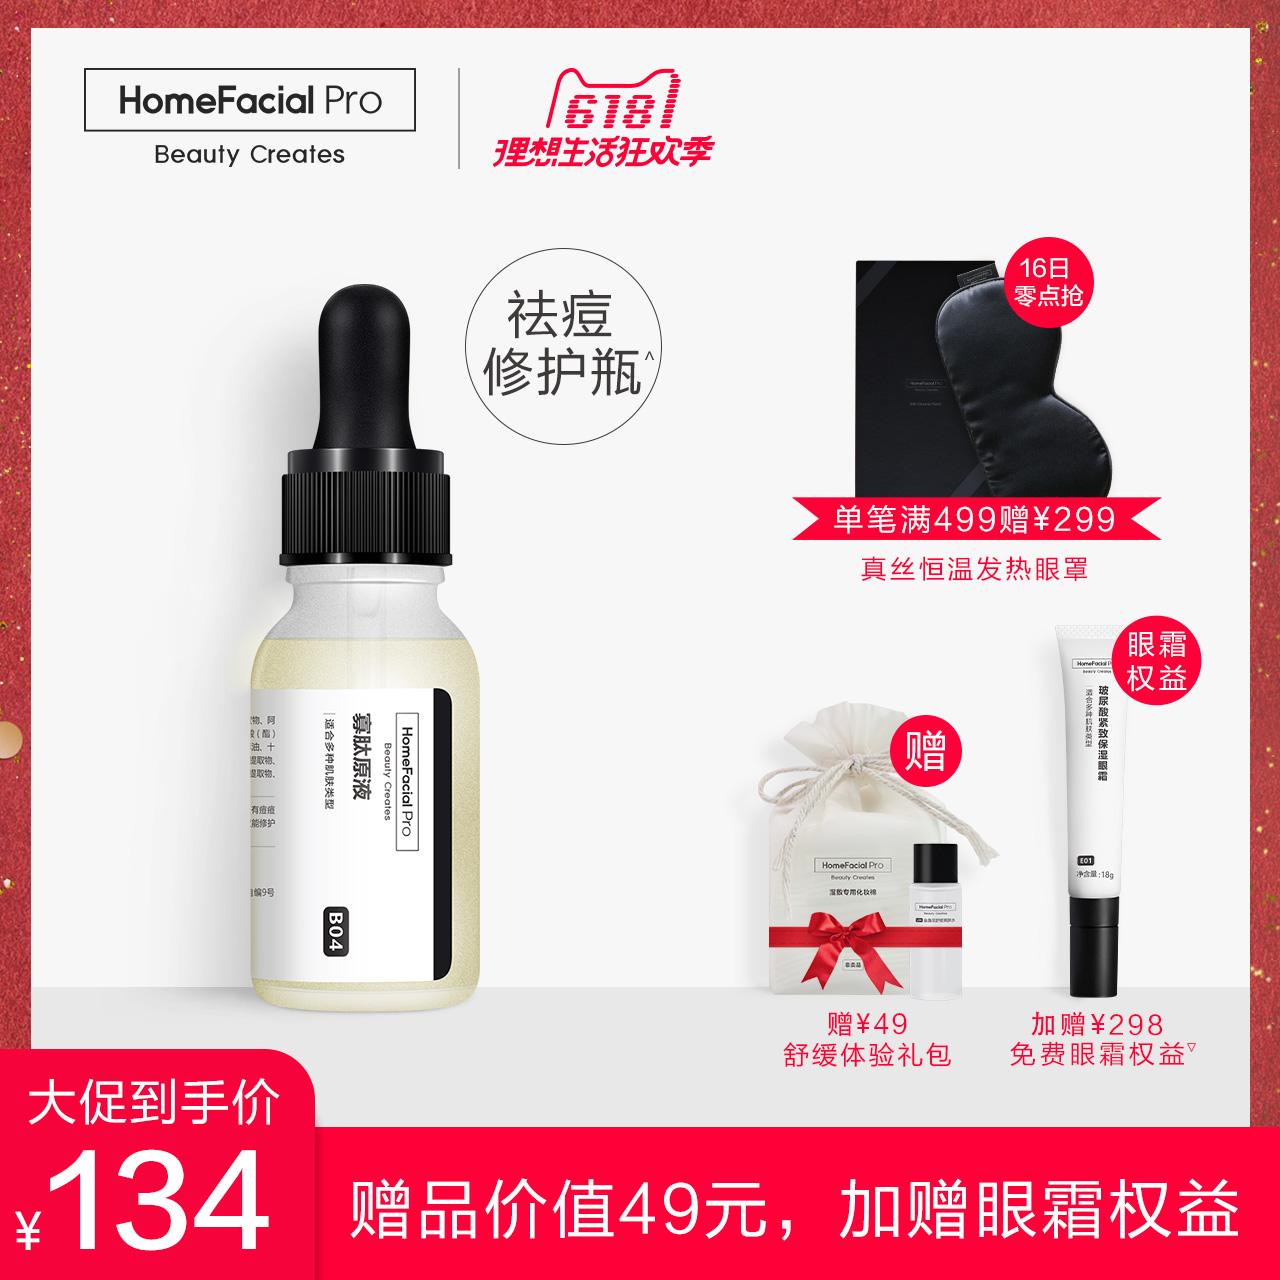 HomeFacial 寡肽原液怎樣,效果好嗎